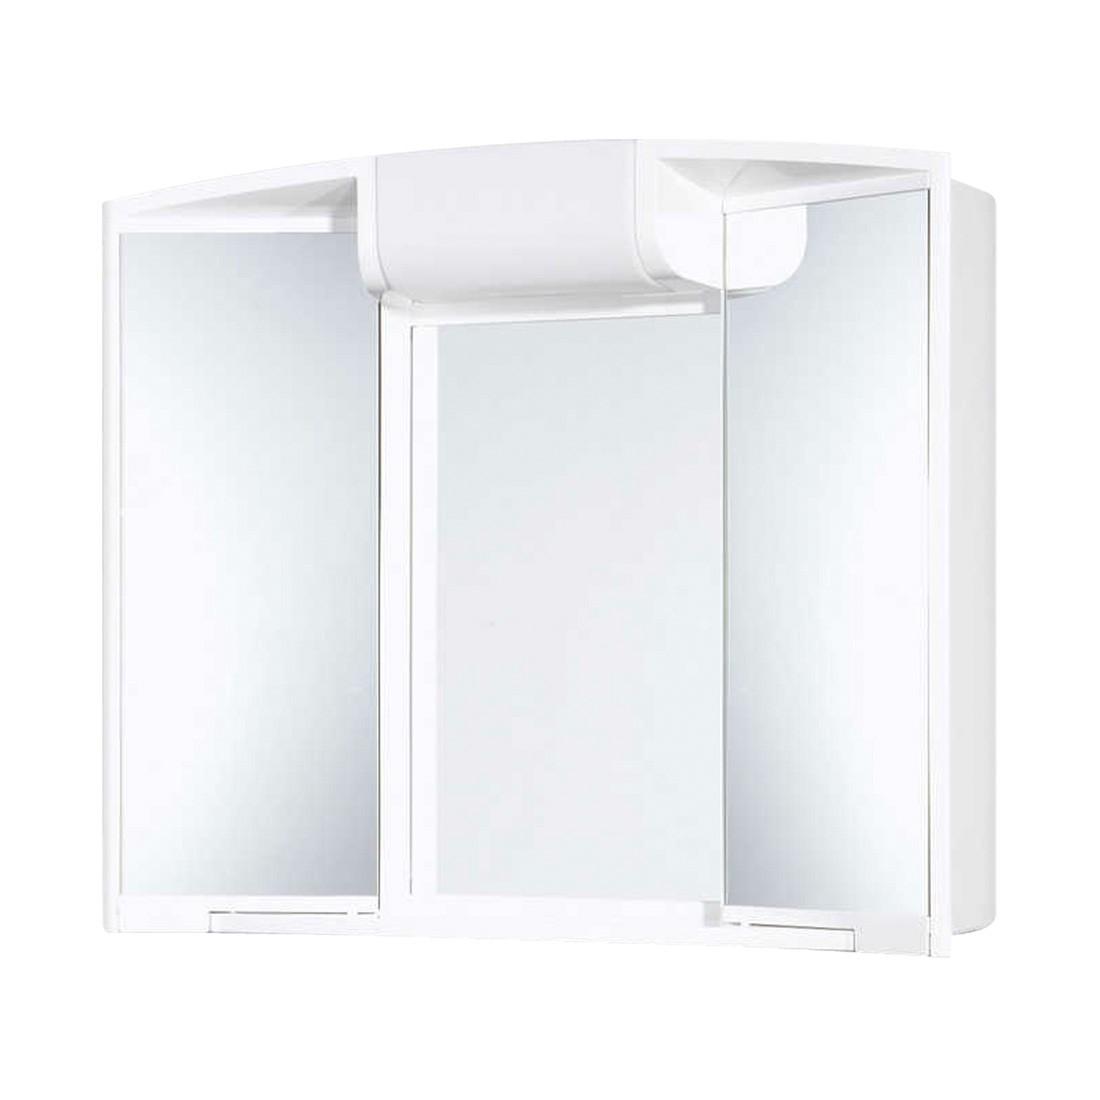 energia A+, Armadietto con specchio Angy (incl. presa di corrente) - Con illuminazione, Jokey